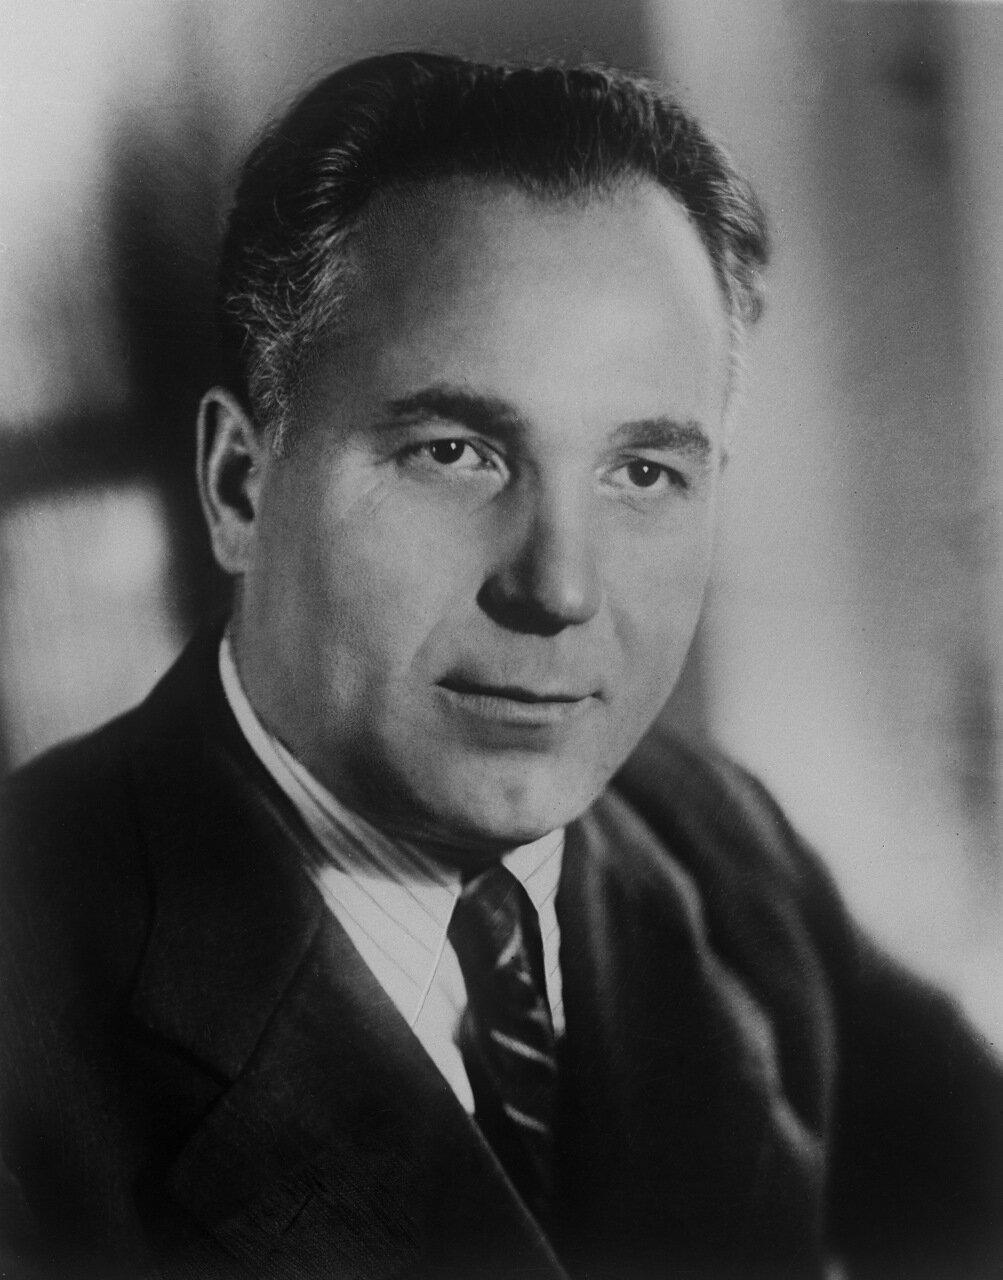 Назаров Иван Николаевич (30 мая (12 июня) 1906, с. Кошелево  — 30 июля 1957, Авиньон) — советский химик-органик.